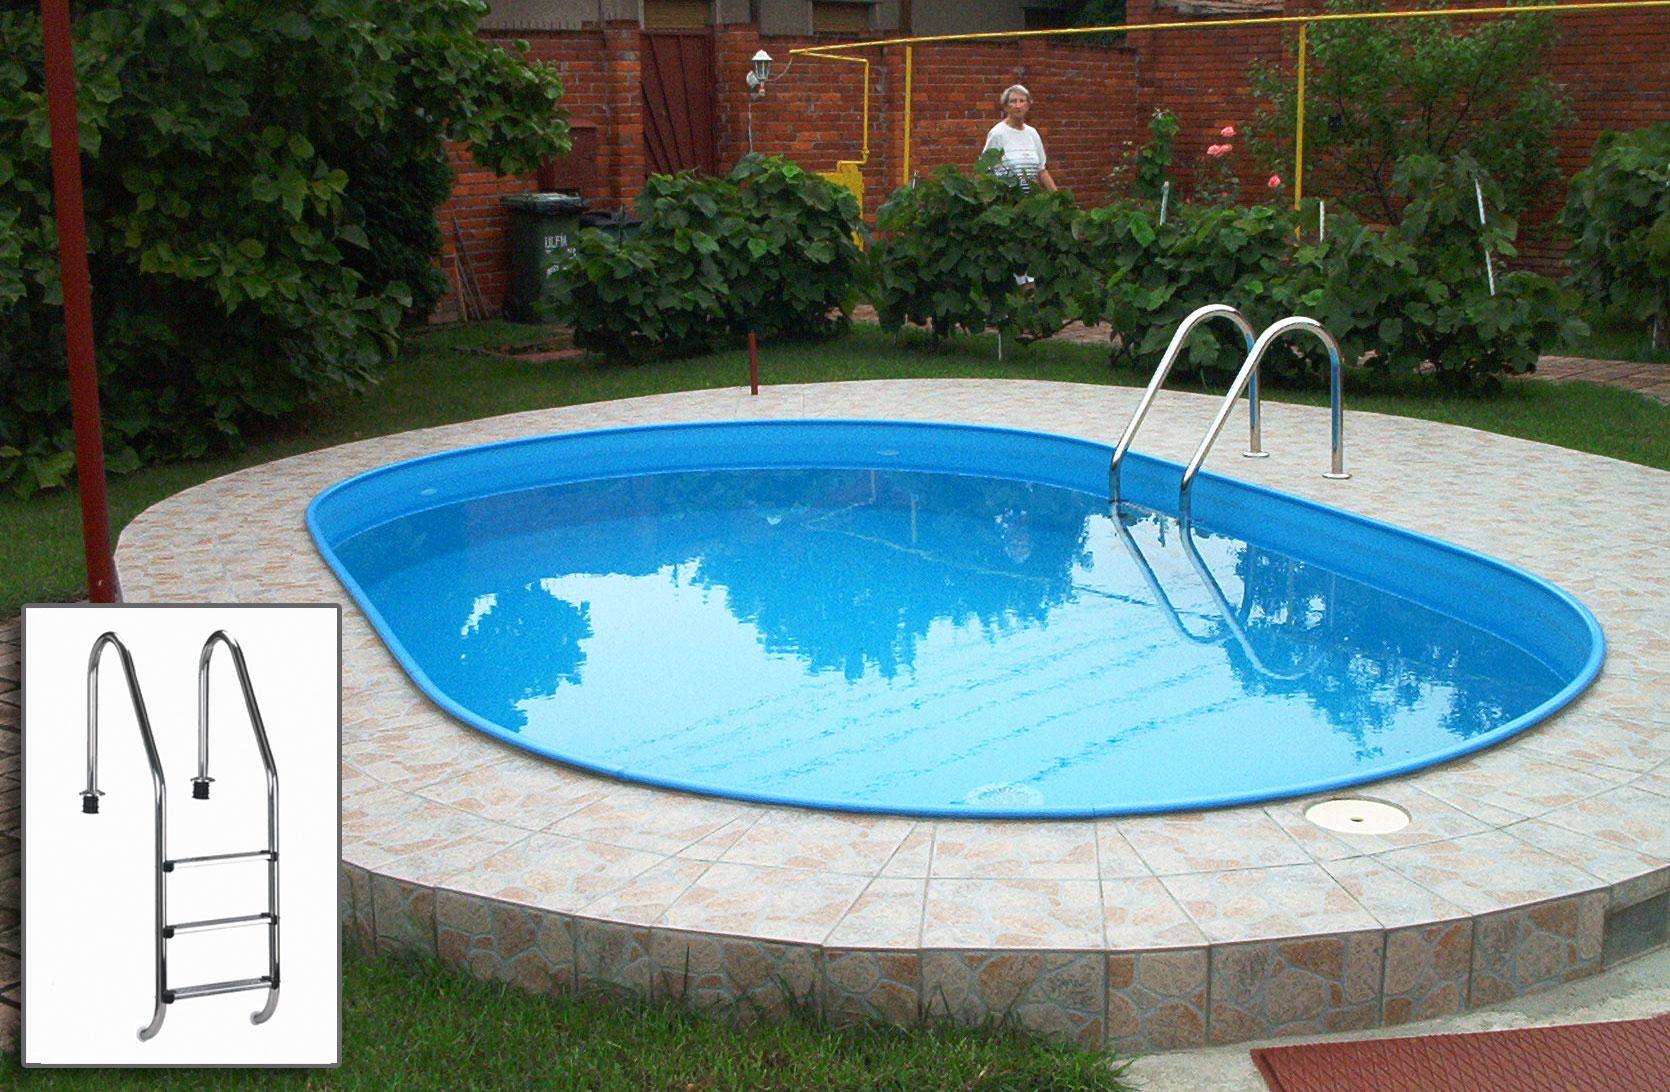 Pool schwimmbecken premium oval set mit sandfilter 7x3 for Pool set stahlwand schwimmbecken